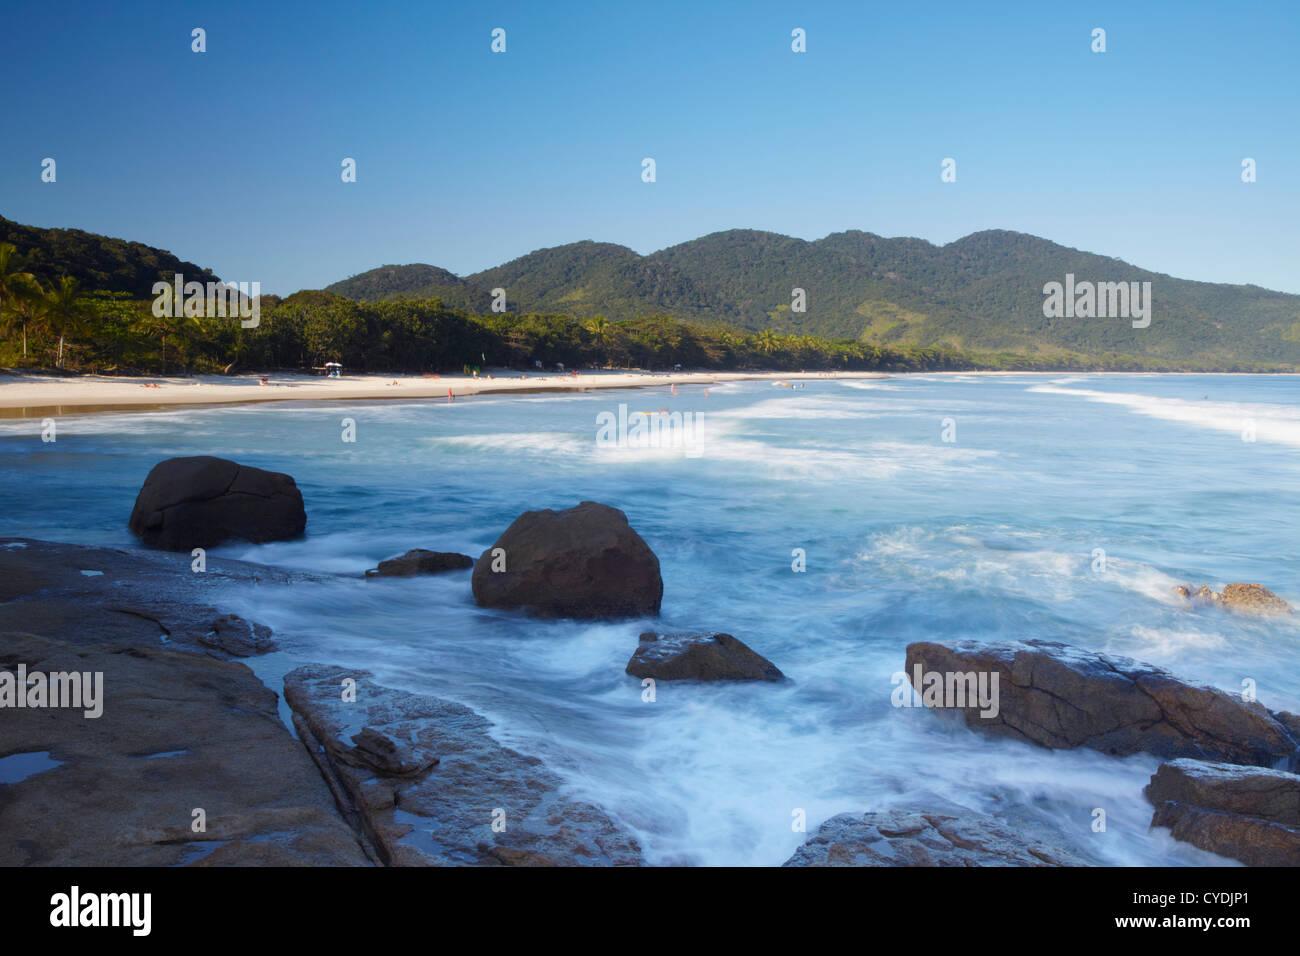 Lopes Mendes beach, Ilha Grande, Stato di Rio de Janeiro, Brasile Immagini Stock